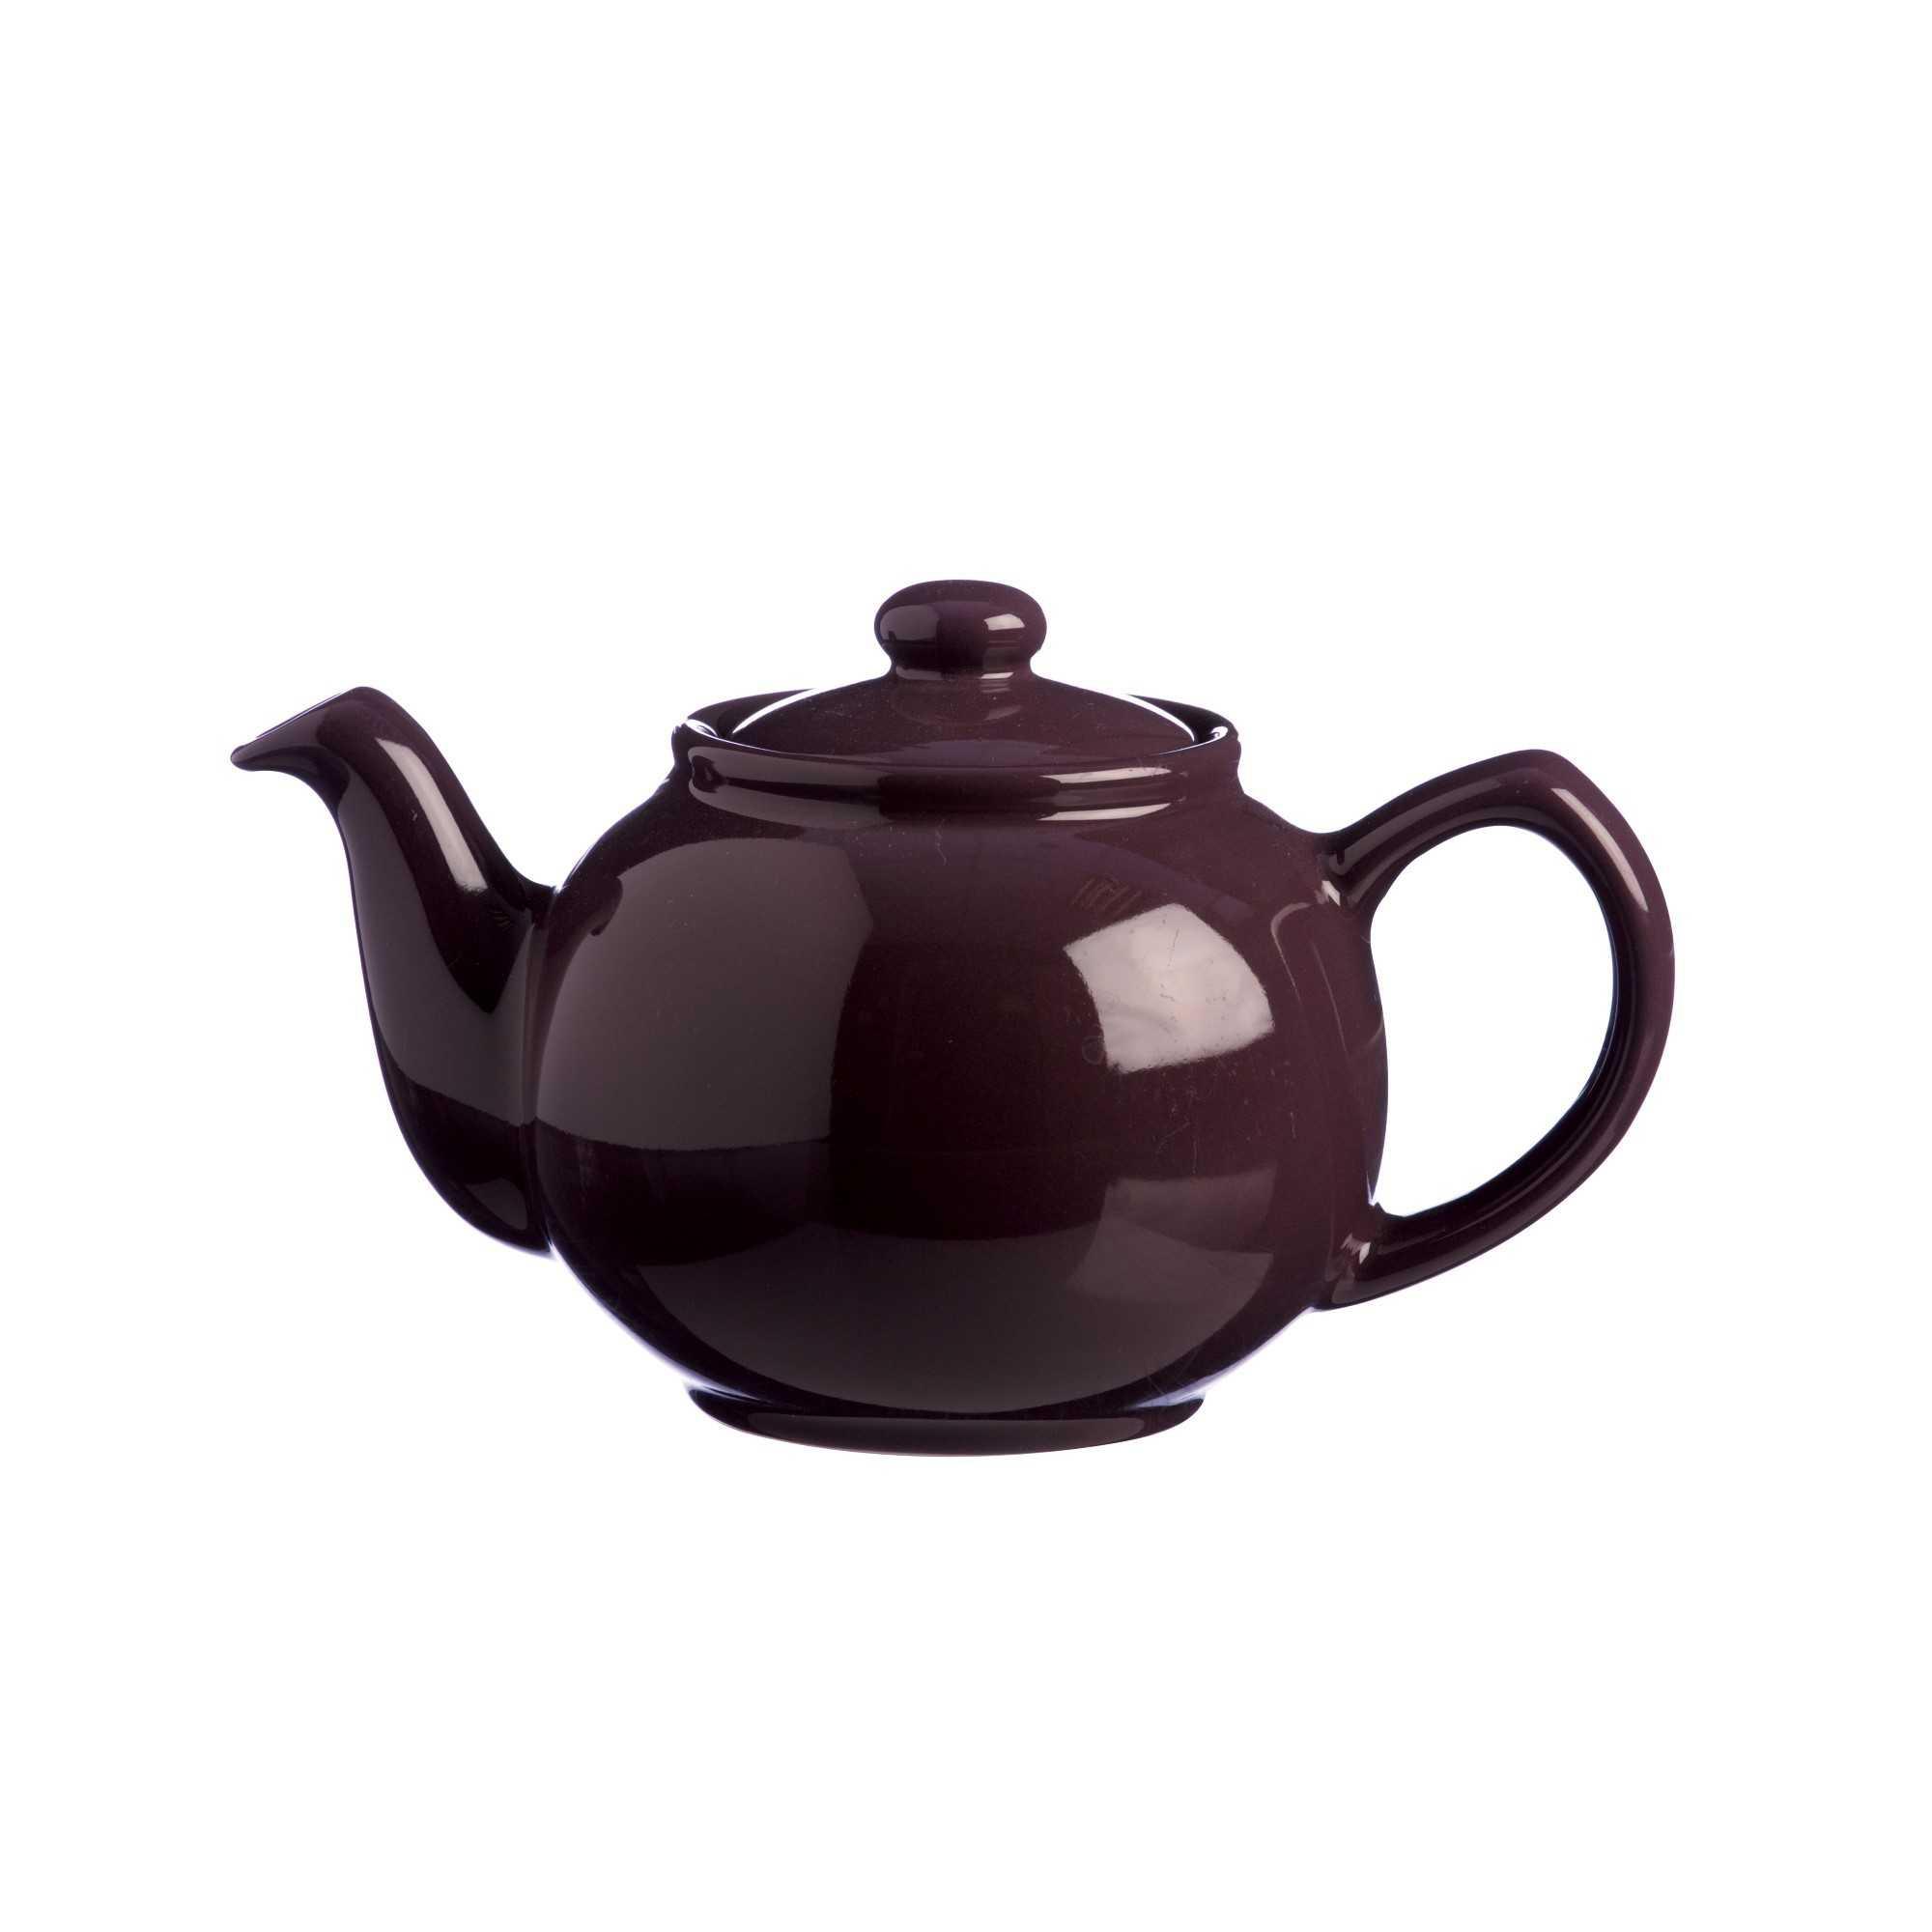 Lille tekande til to kopper te i keramik